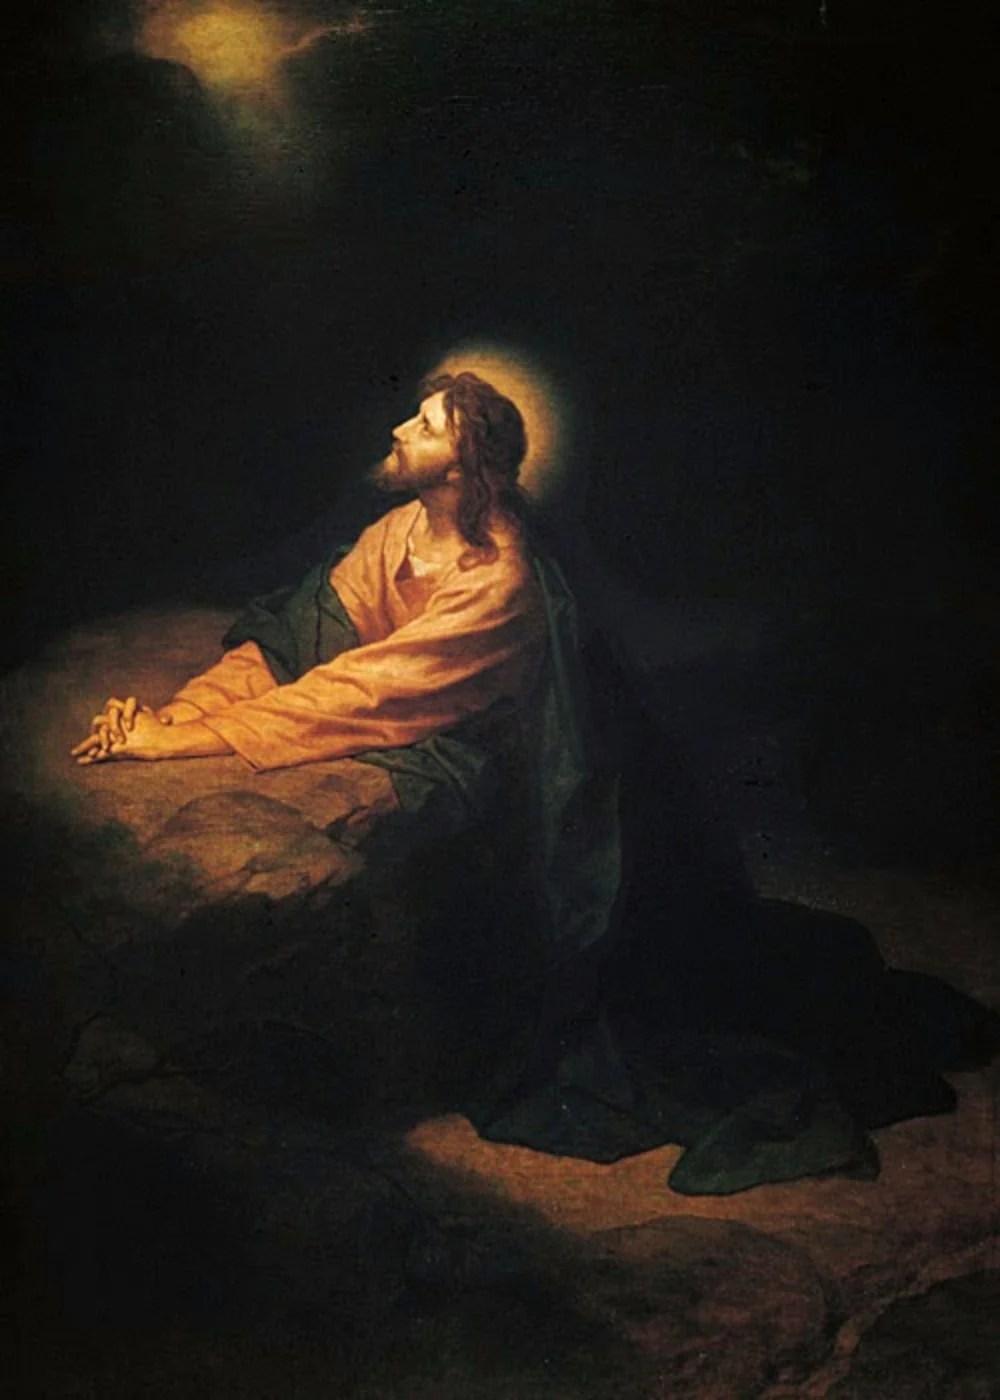 Jesus Religious Art Prints